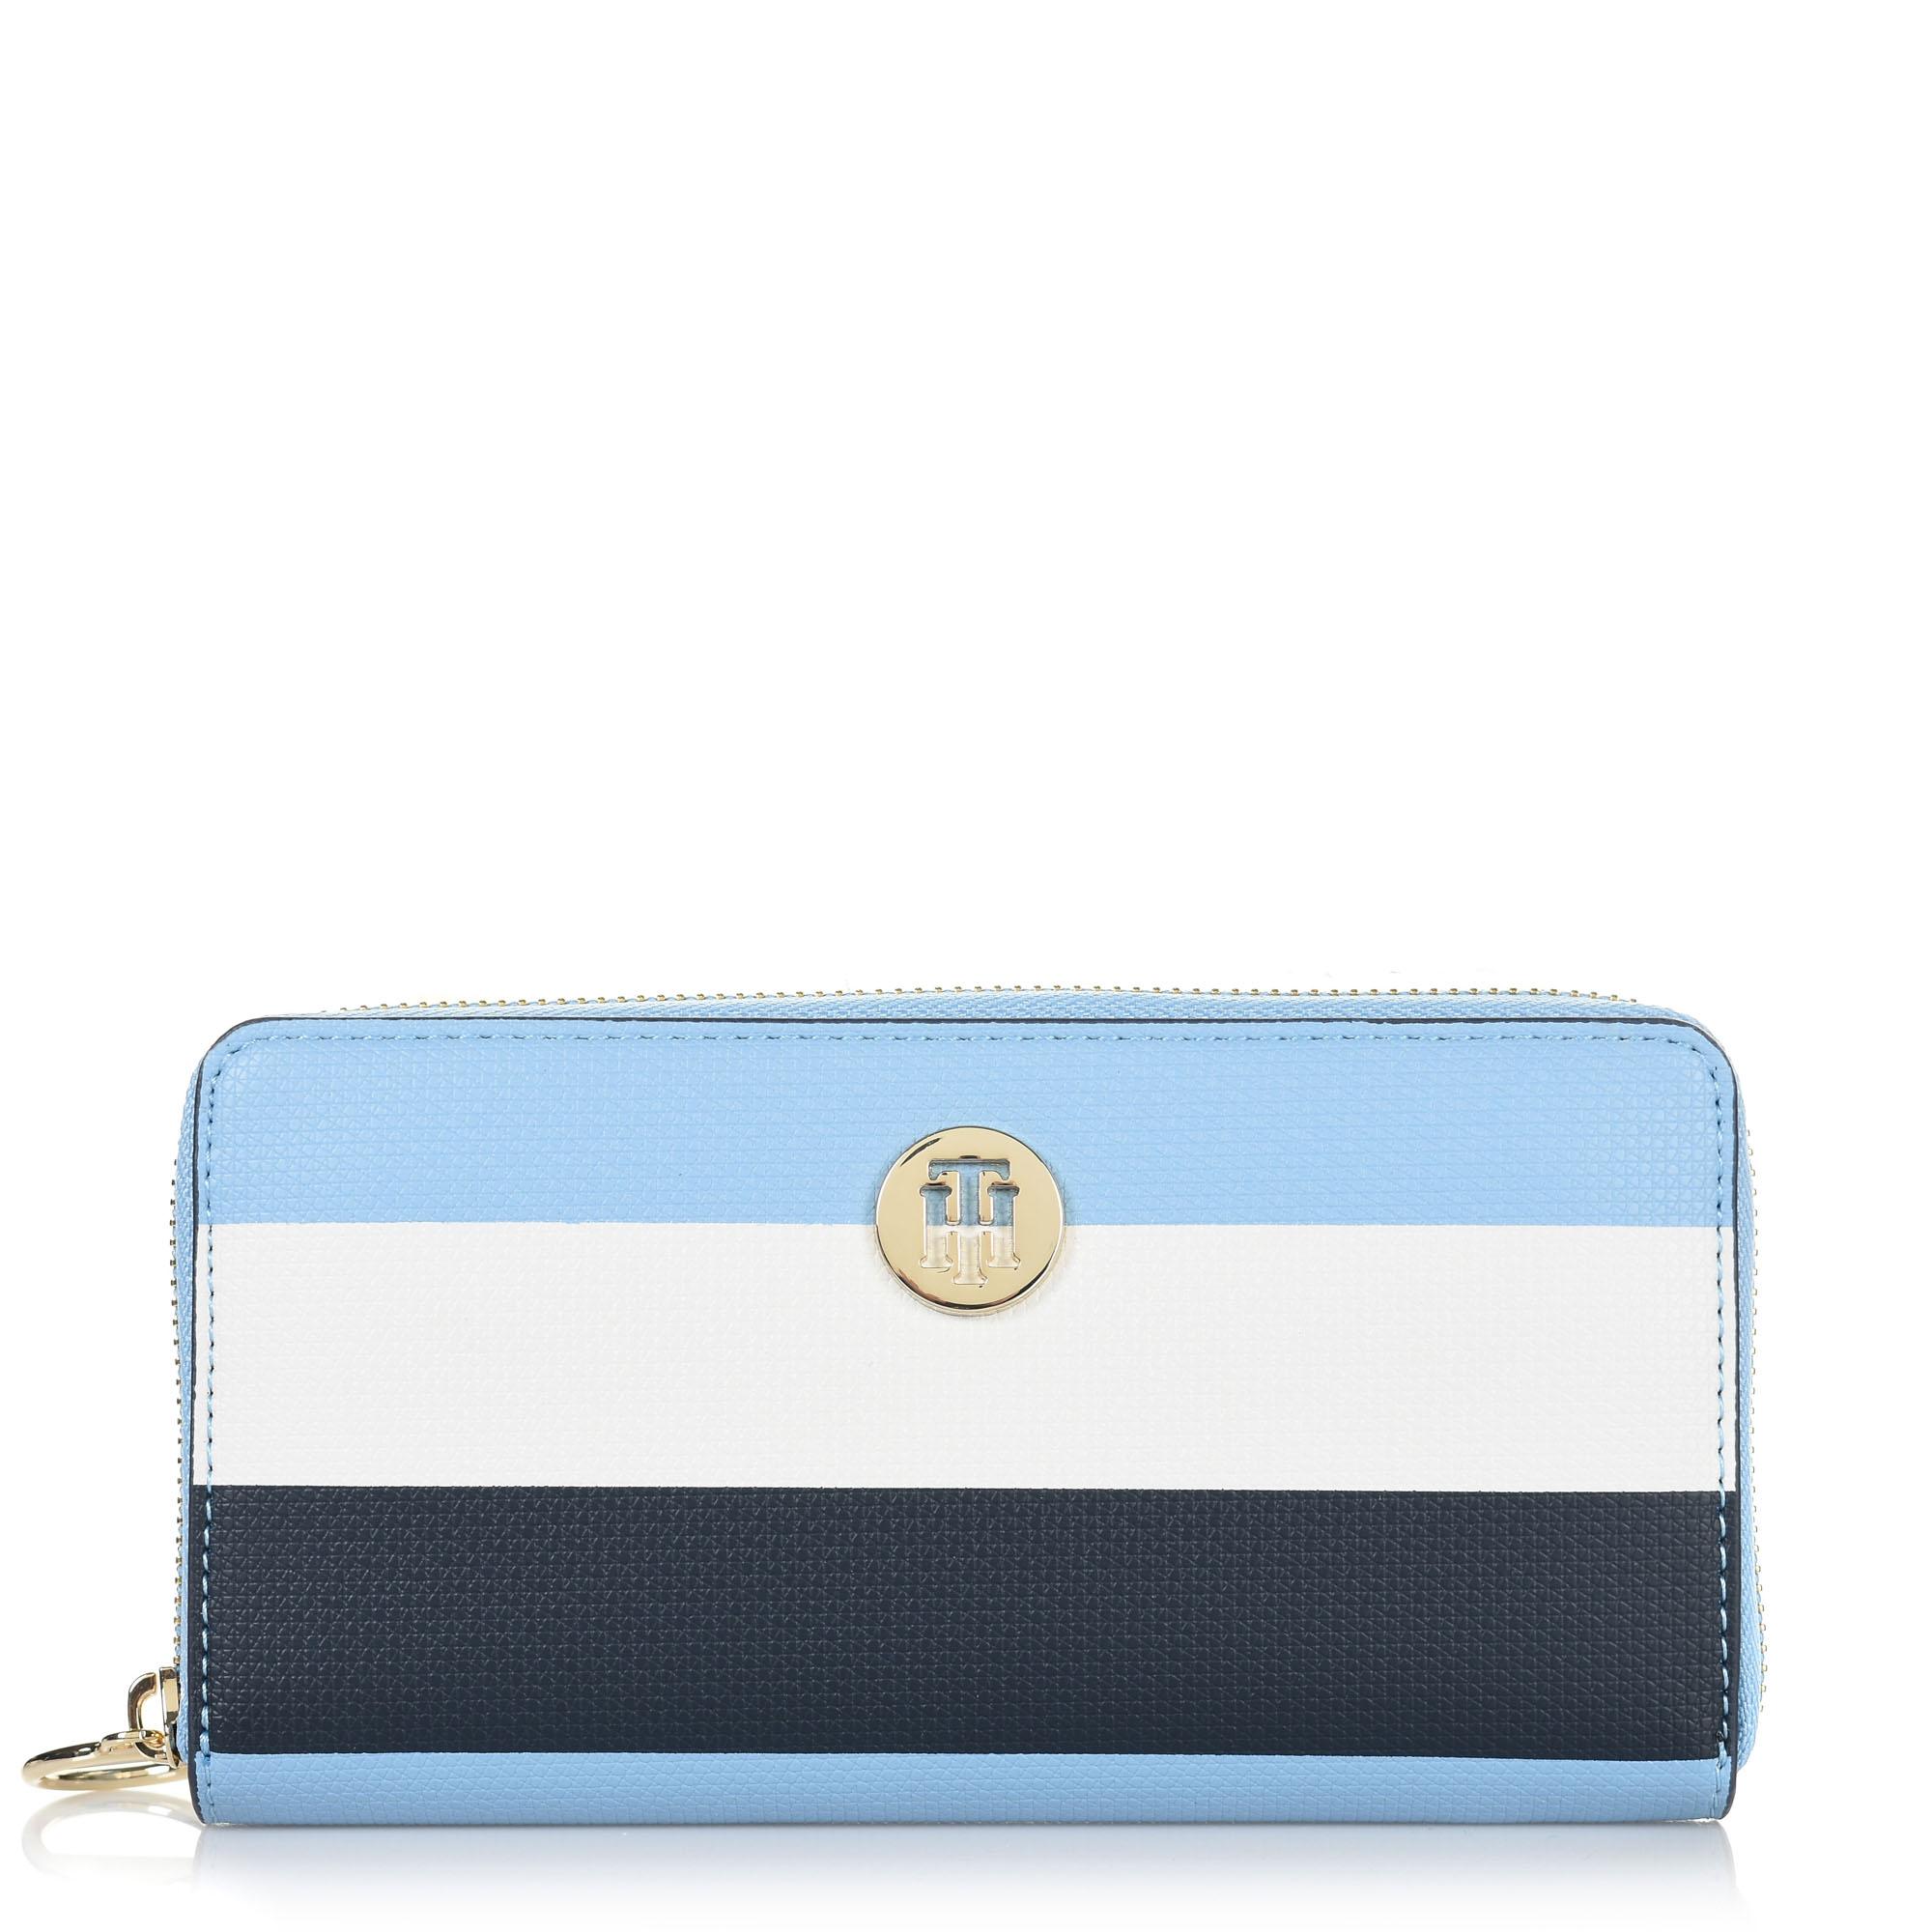 Πορτοφόλι Kασετίνα Tommy Hilfiger Effortless Saffiano ZA Wallet AW0AW06152 γυναικα   γυναικείο πορτοφόλι